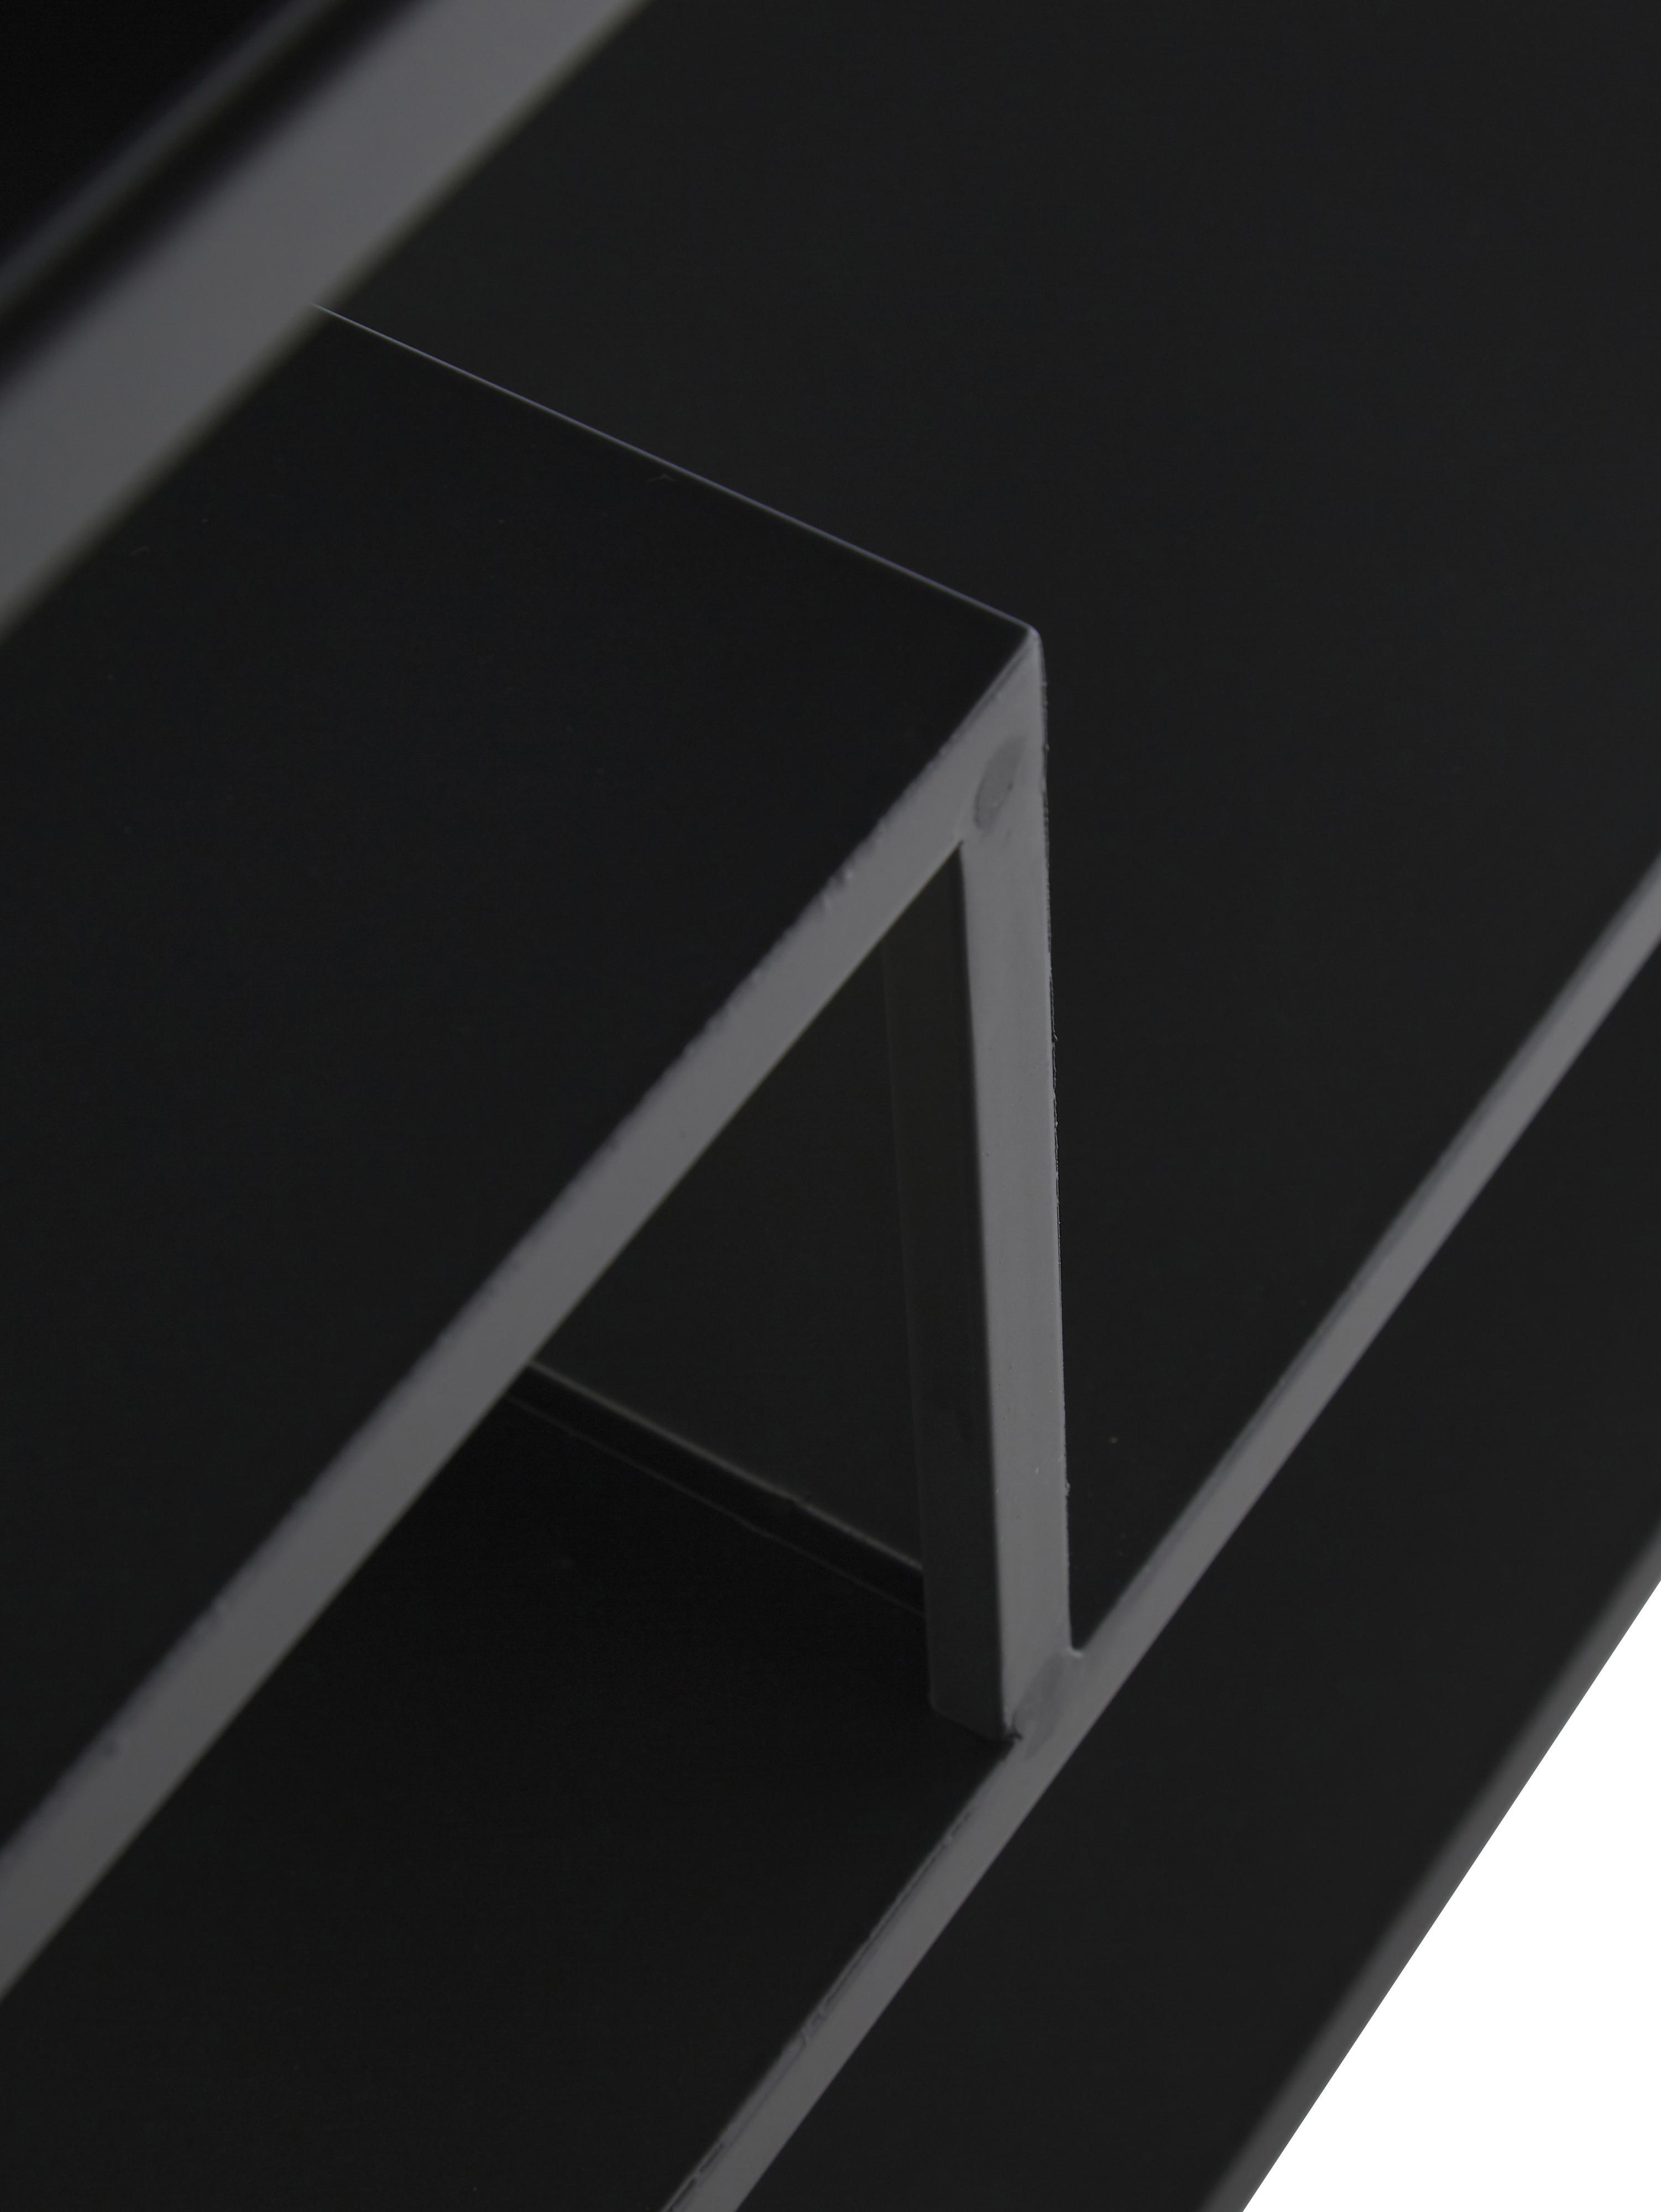 Metall-Schuhregal Bum mit Schirmständer, Metall, pulverbeschichtet, Schwarz, 85 x 59 cm